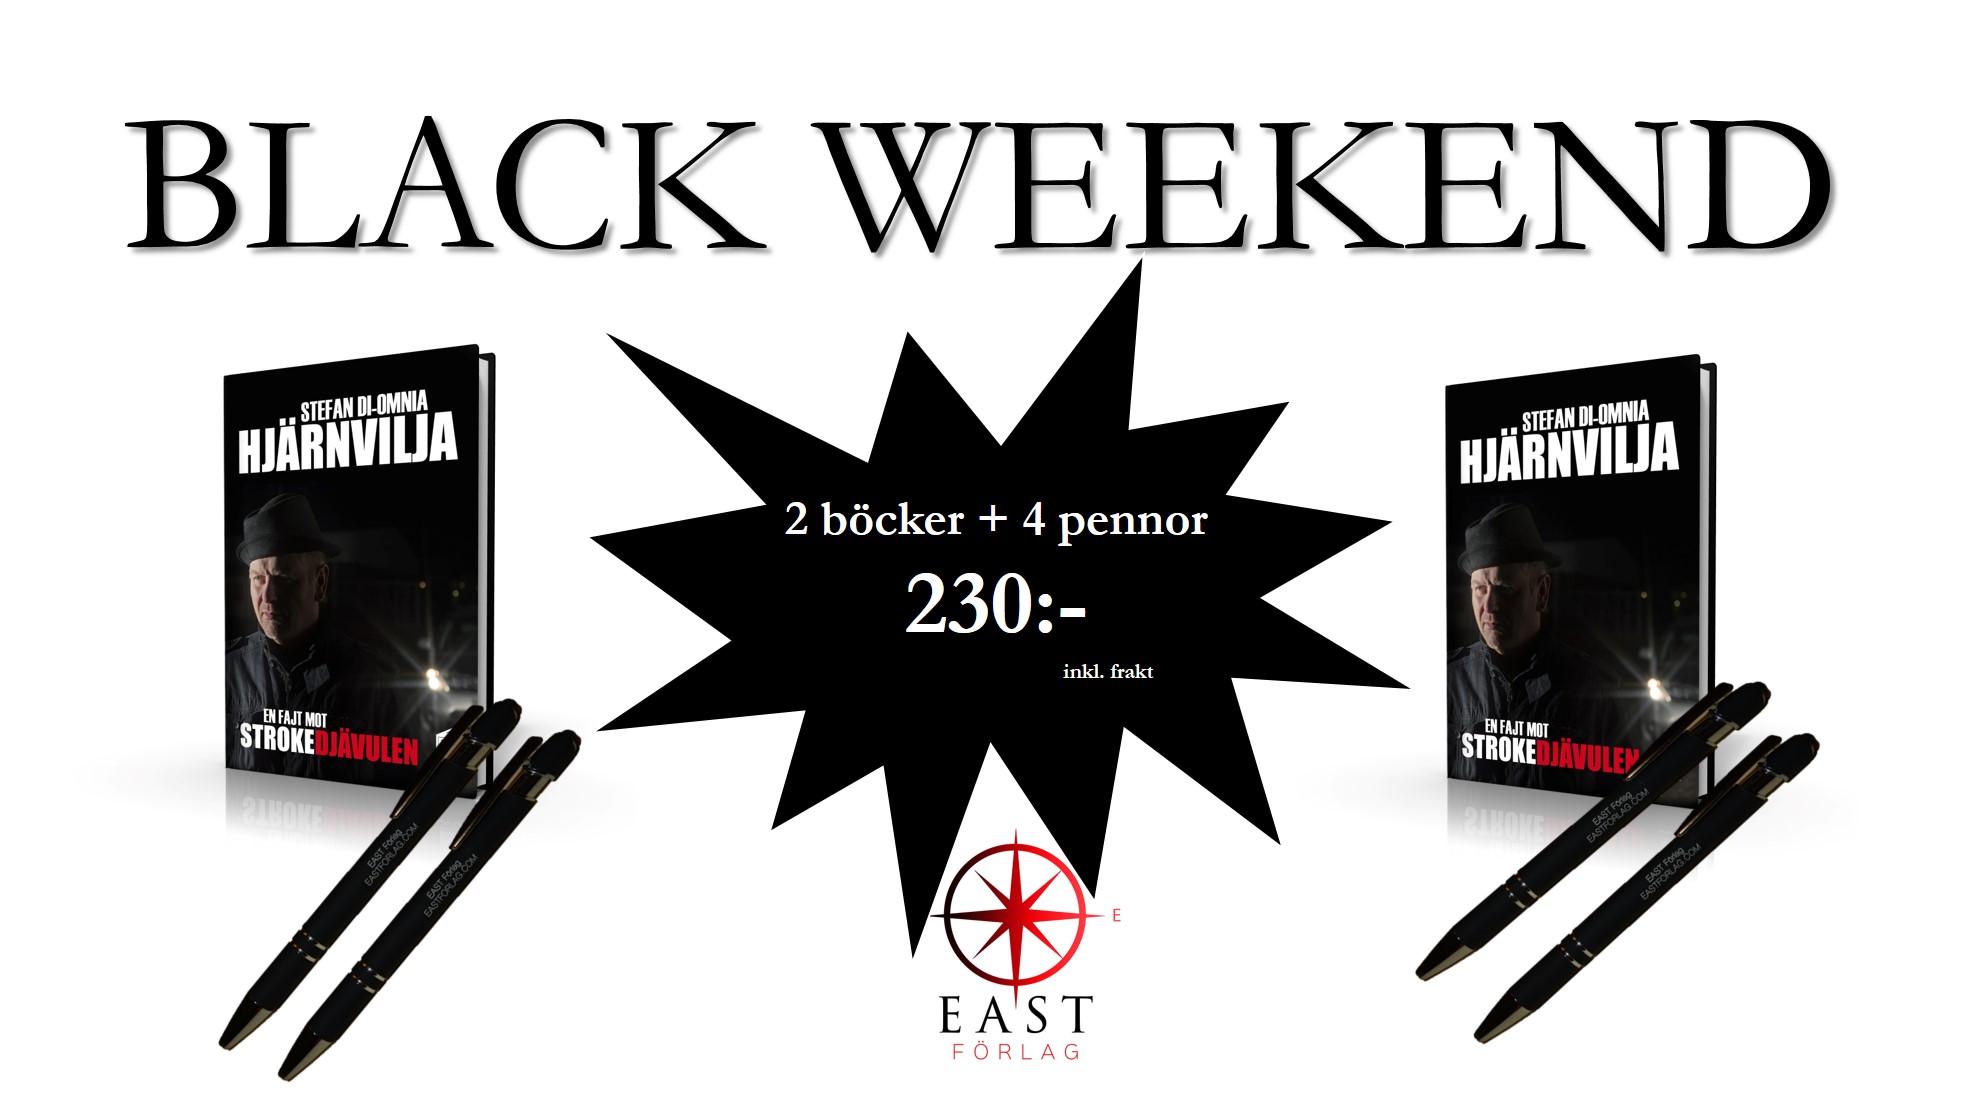 BLACK WEEKEND vitjpg